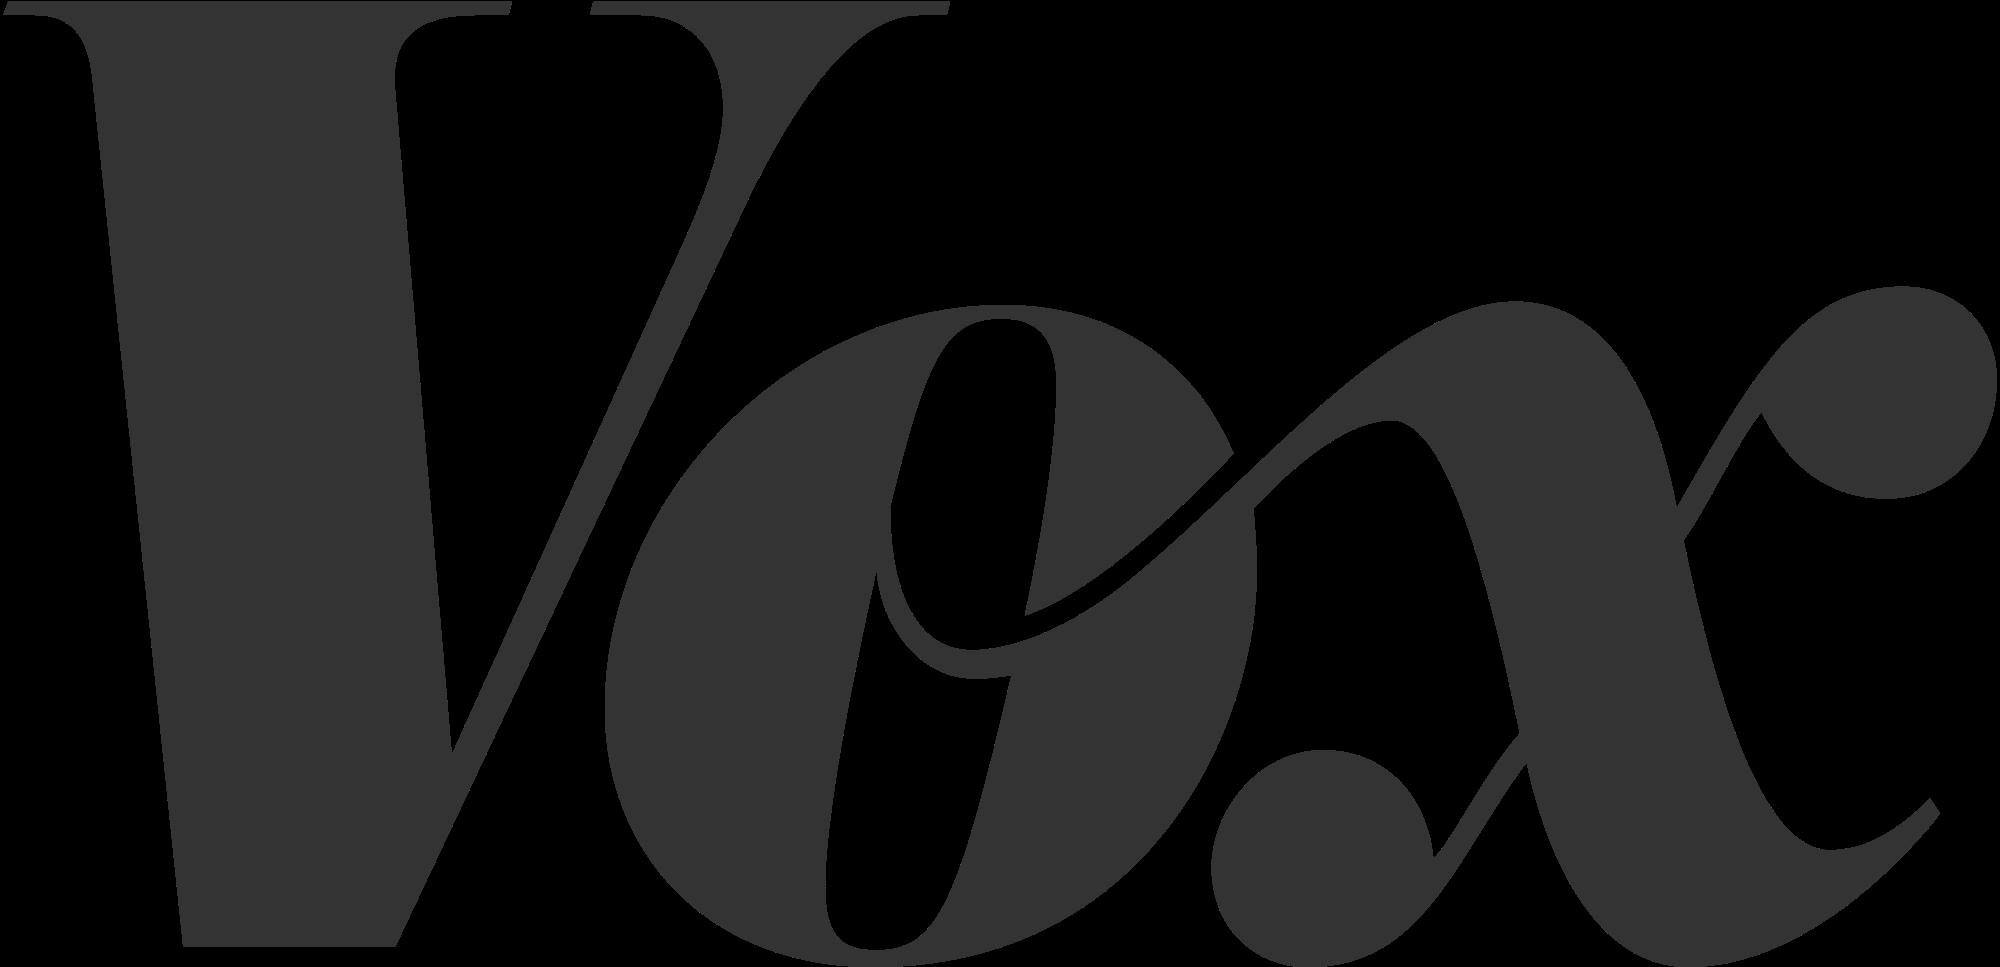 vox-logo.png